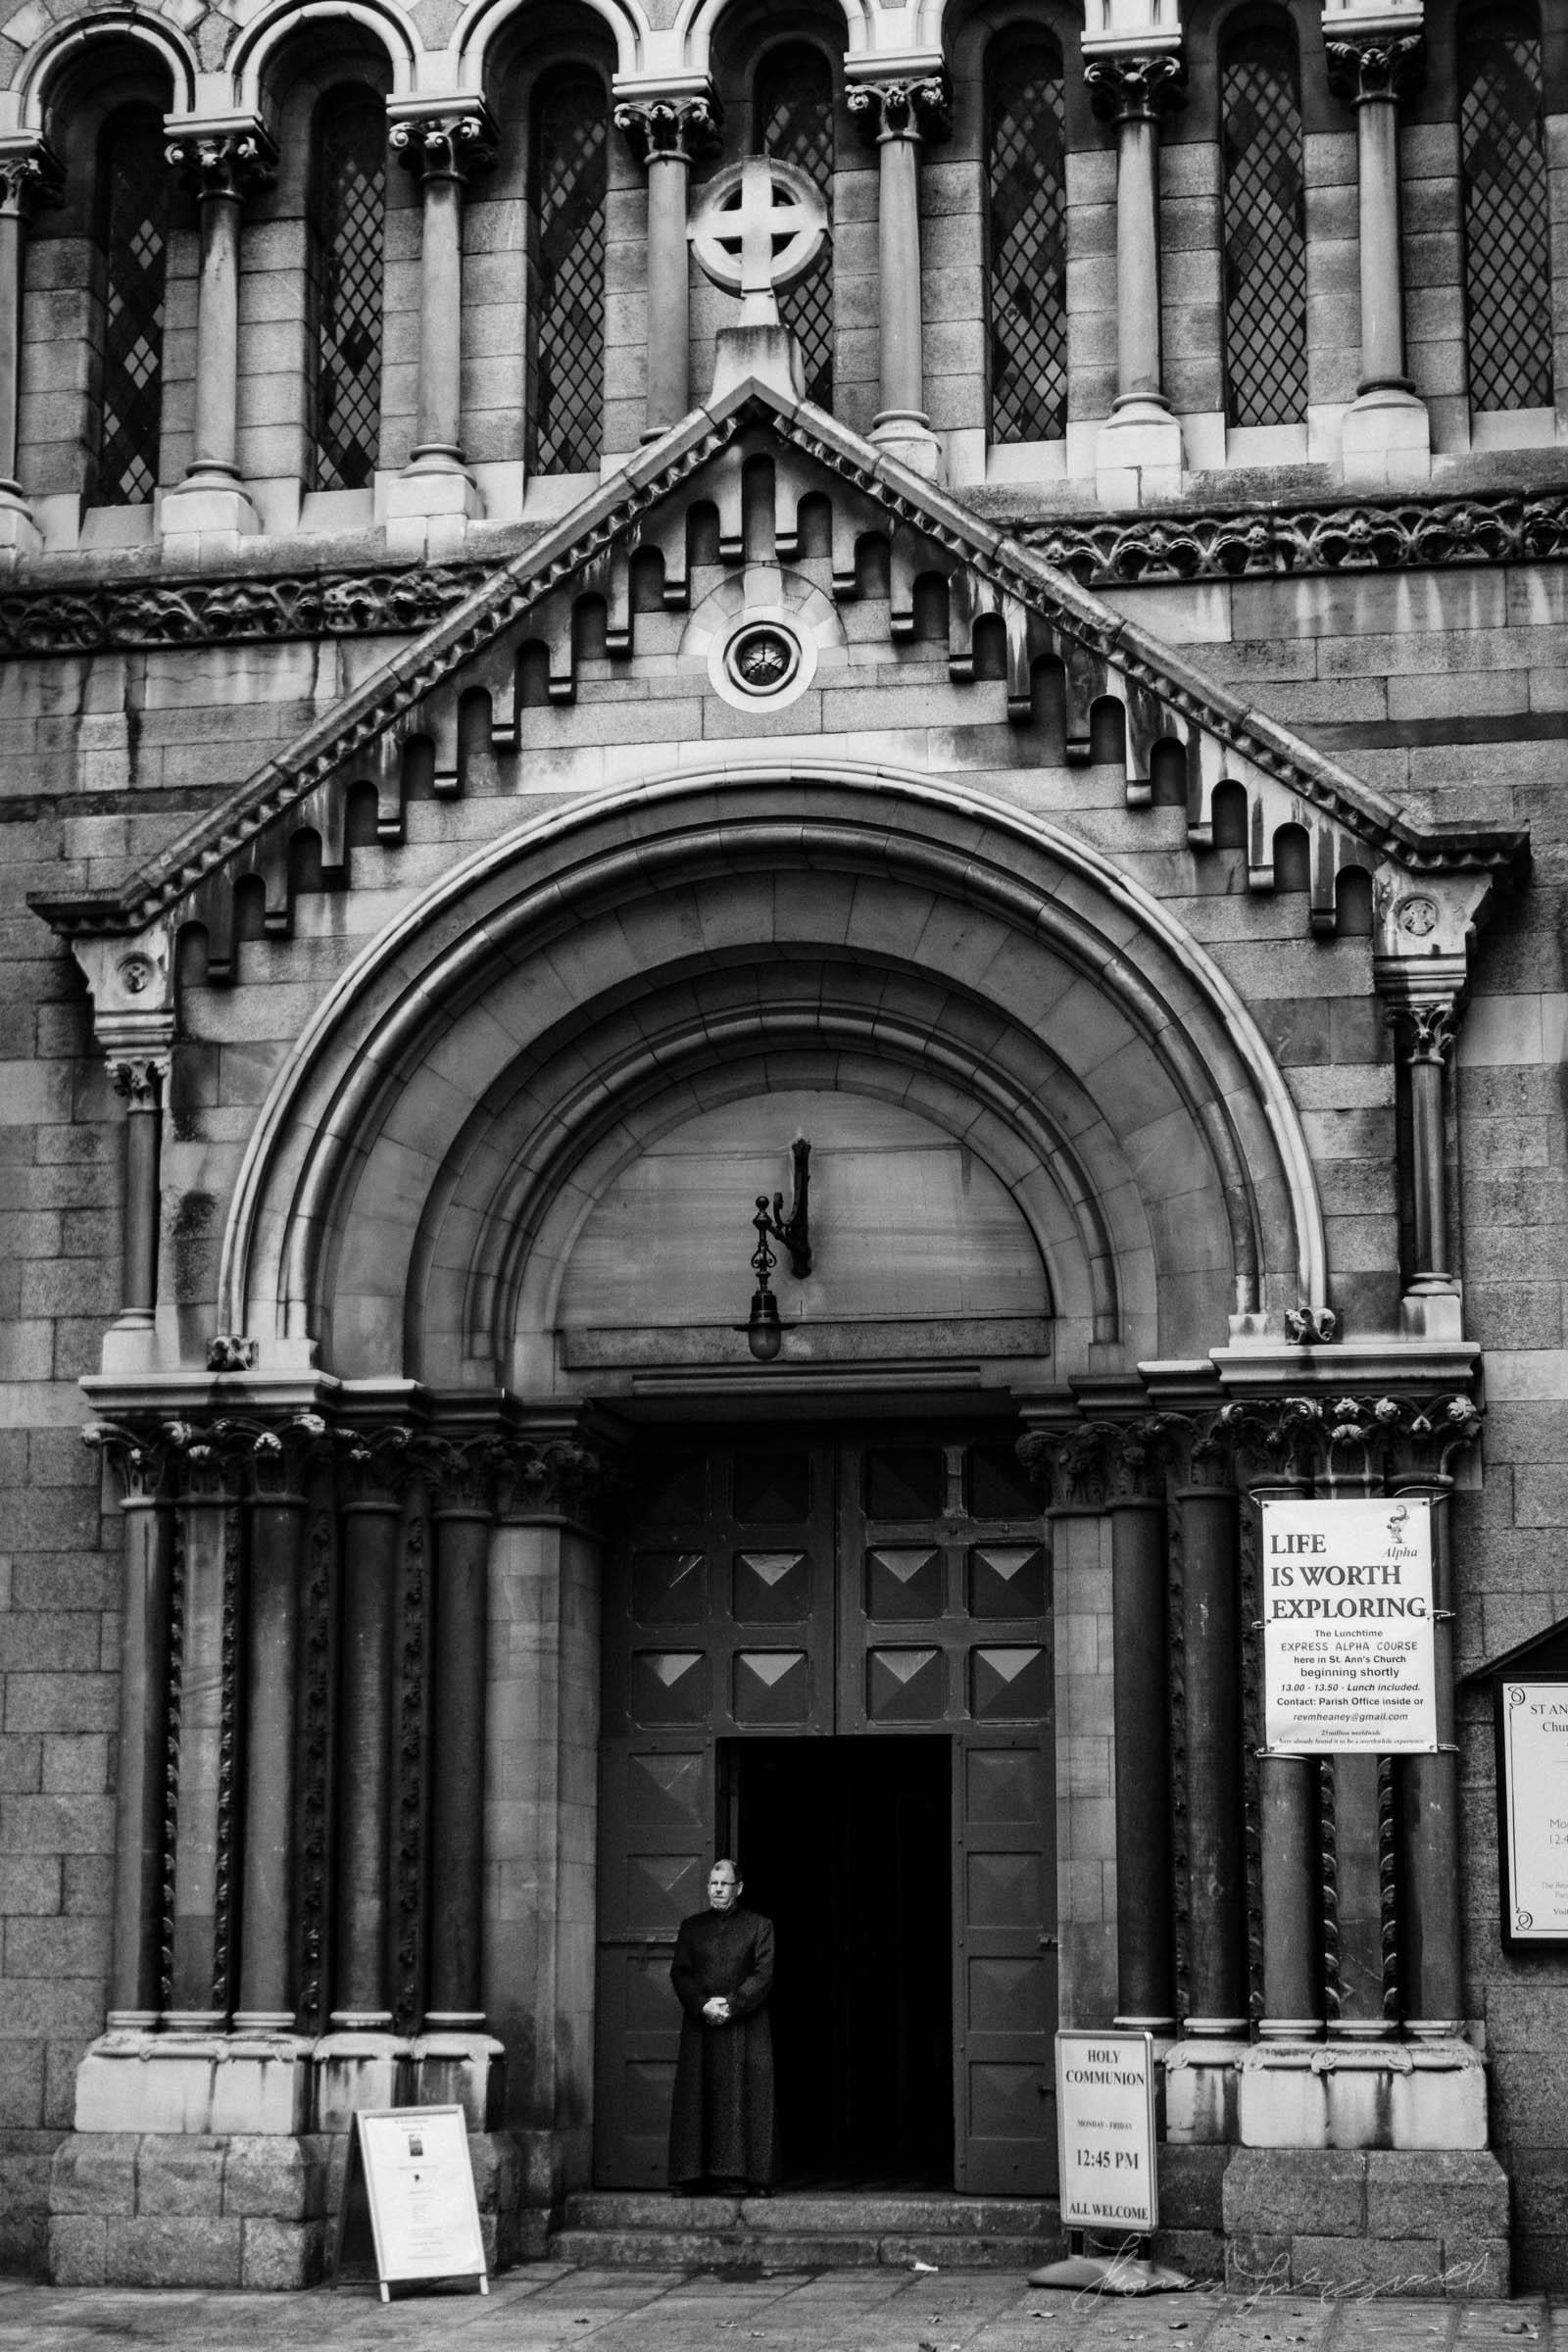 Street-Photo-Diary-No-6-BW-Dublin-15.jpg